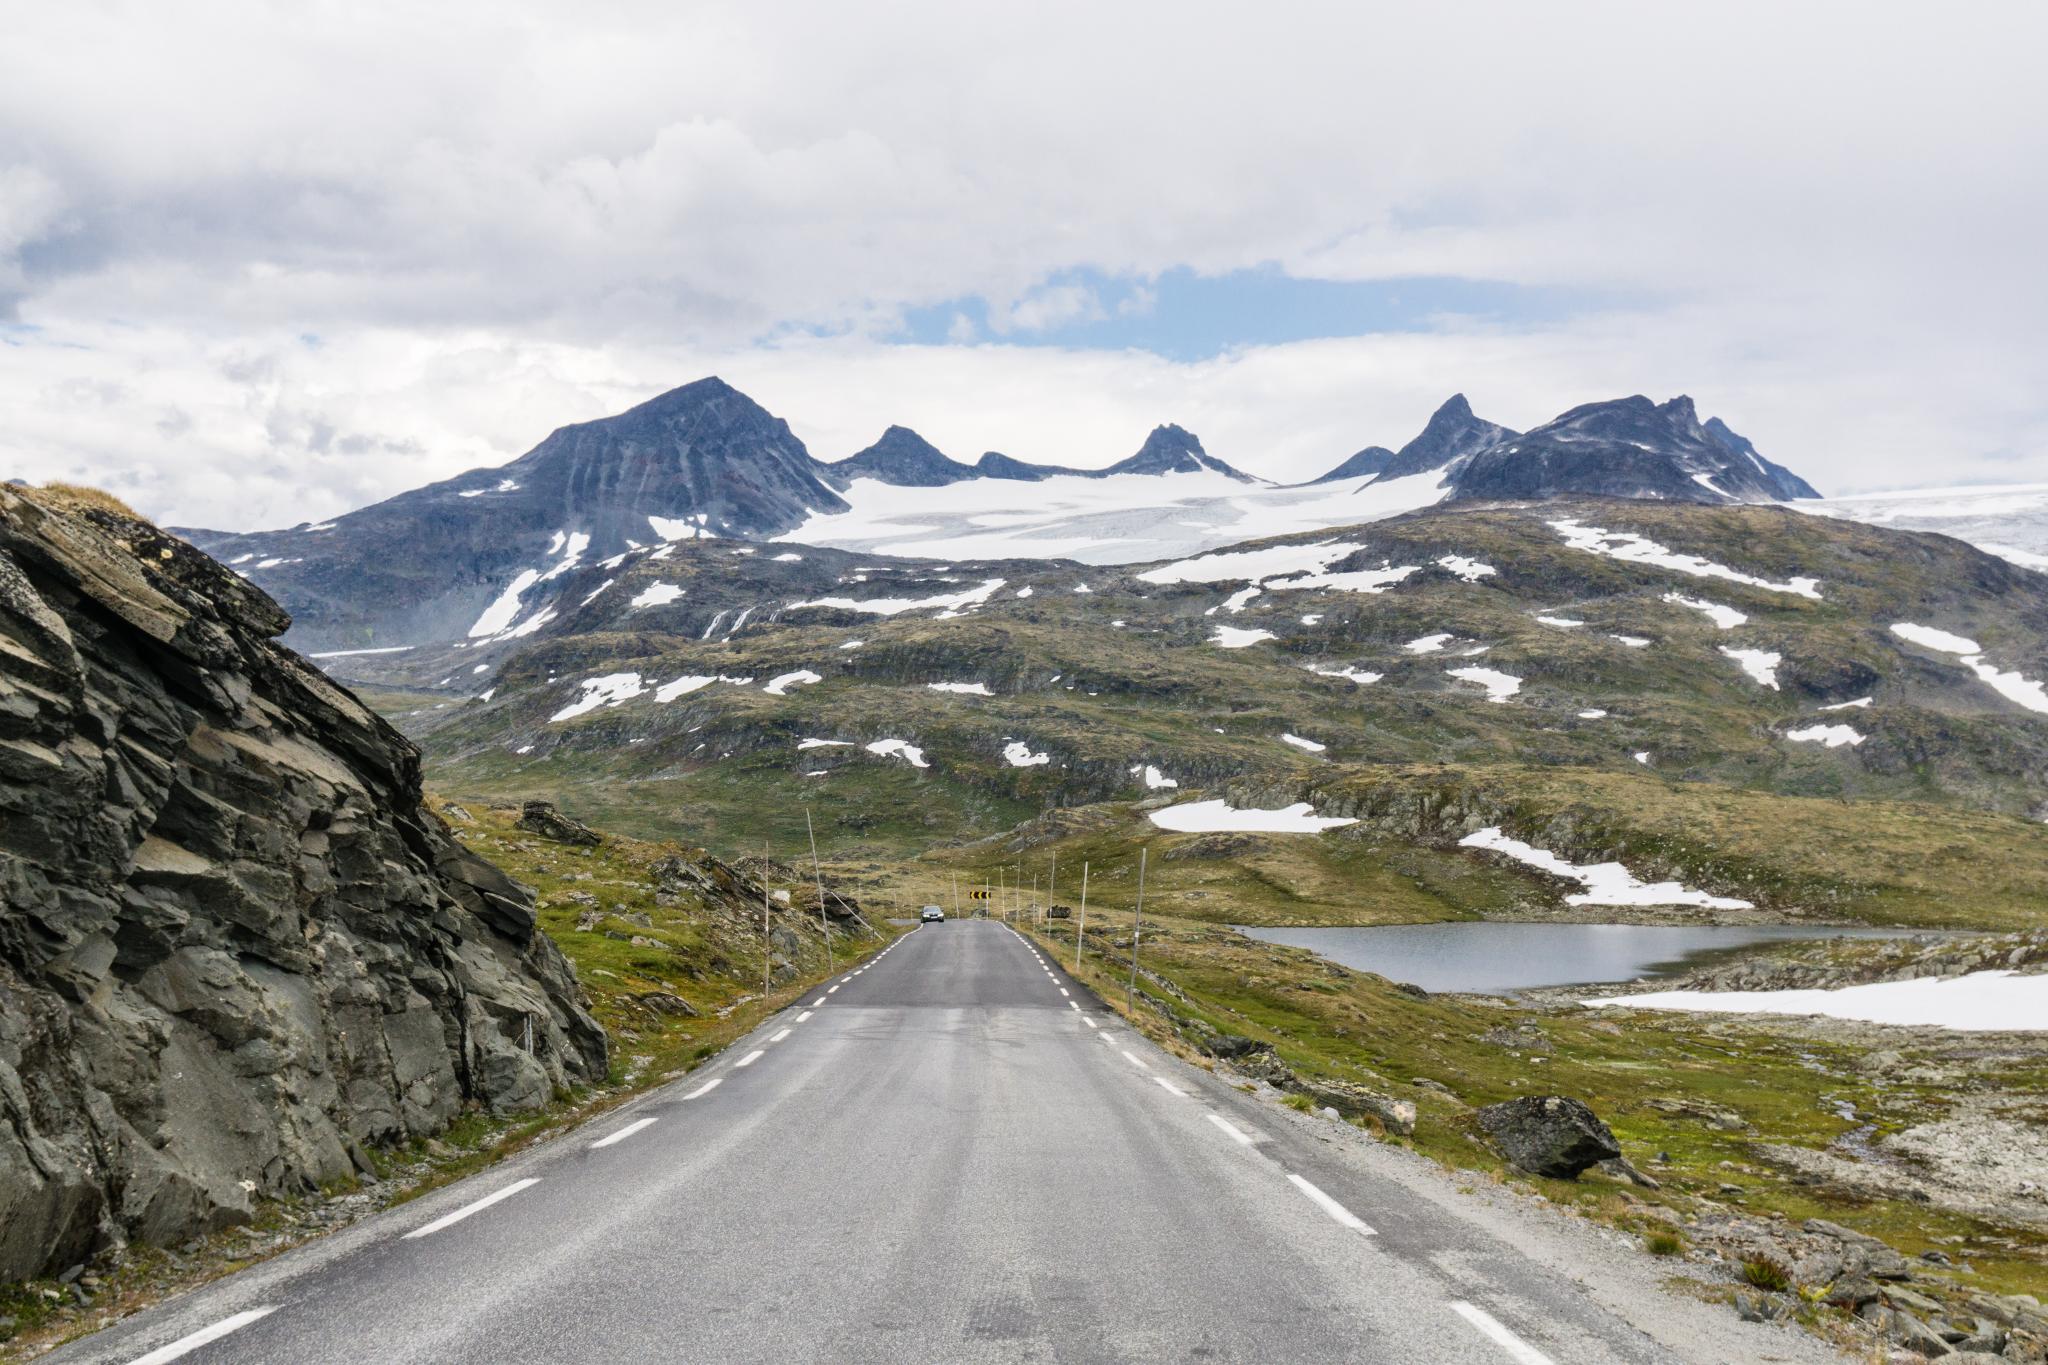 【北歐景點】朝聖歐洲大陸最大的冰河 - 挪威約詩達特冰河國家公園 (Jostedalsbreen National Park) 2